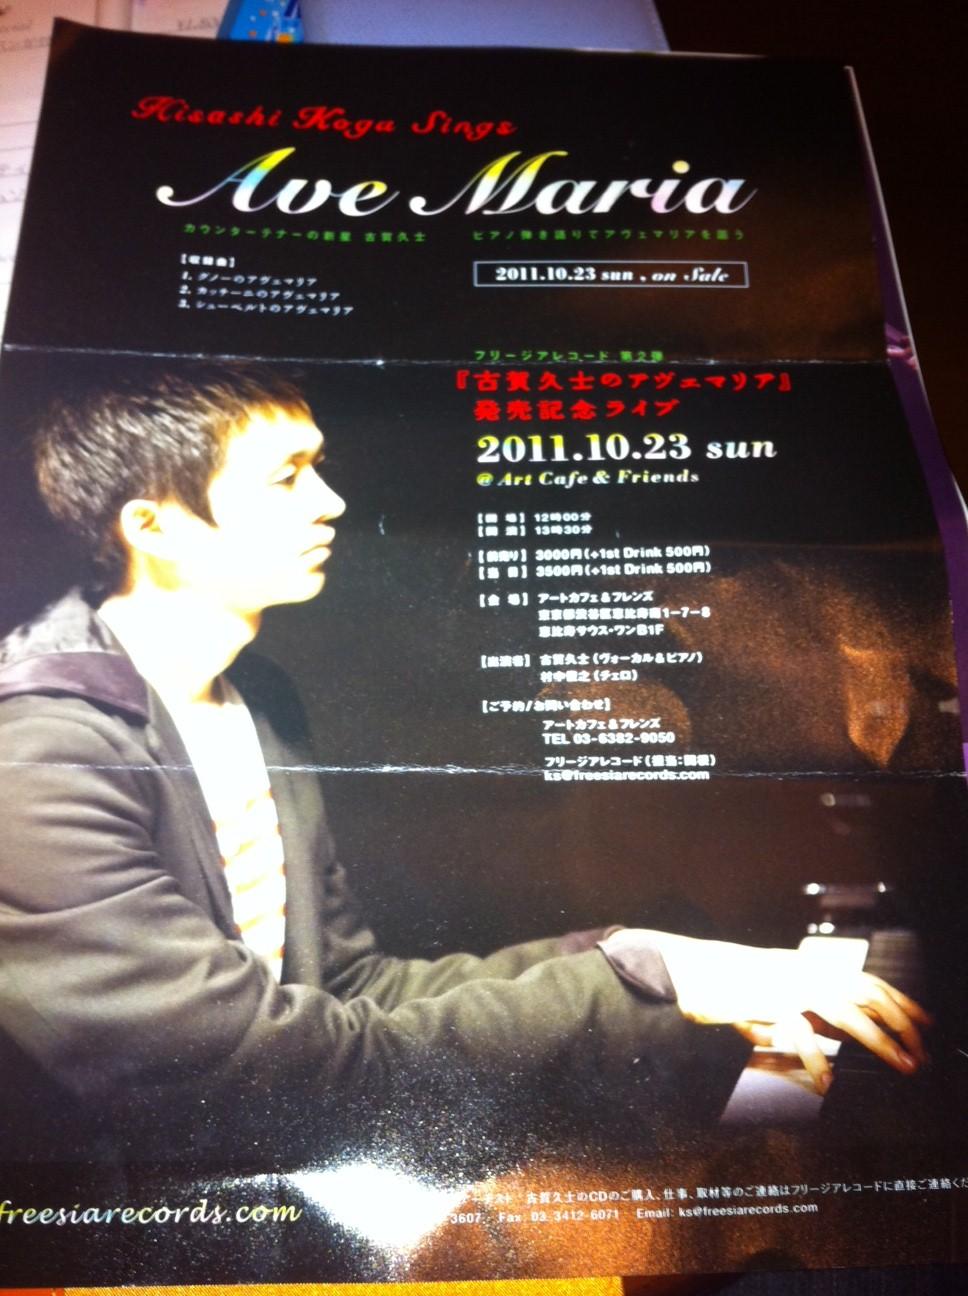 古賀久士・恵比寿アートカフェ「アベマリア」CD発売記念ライブ_a0112393_10502719.jpg